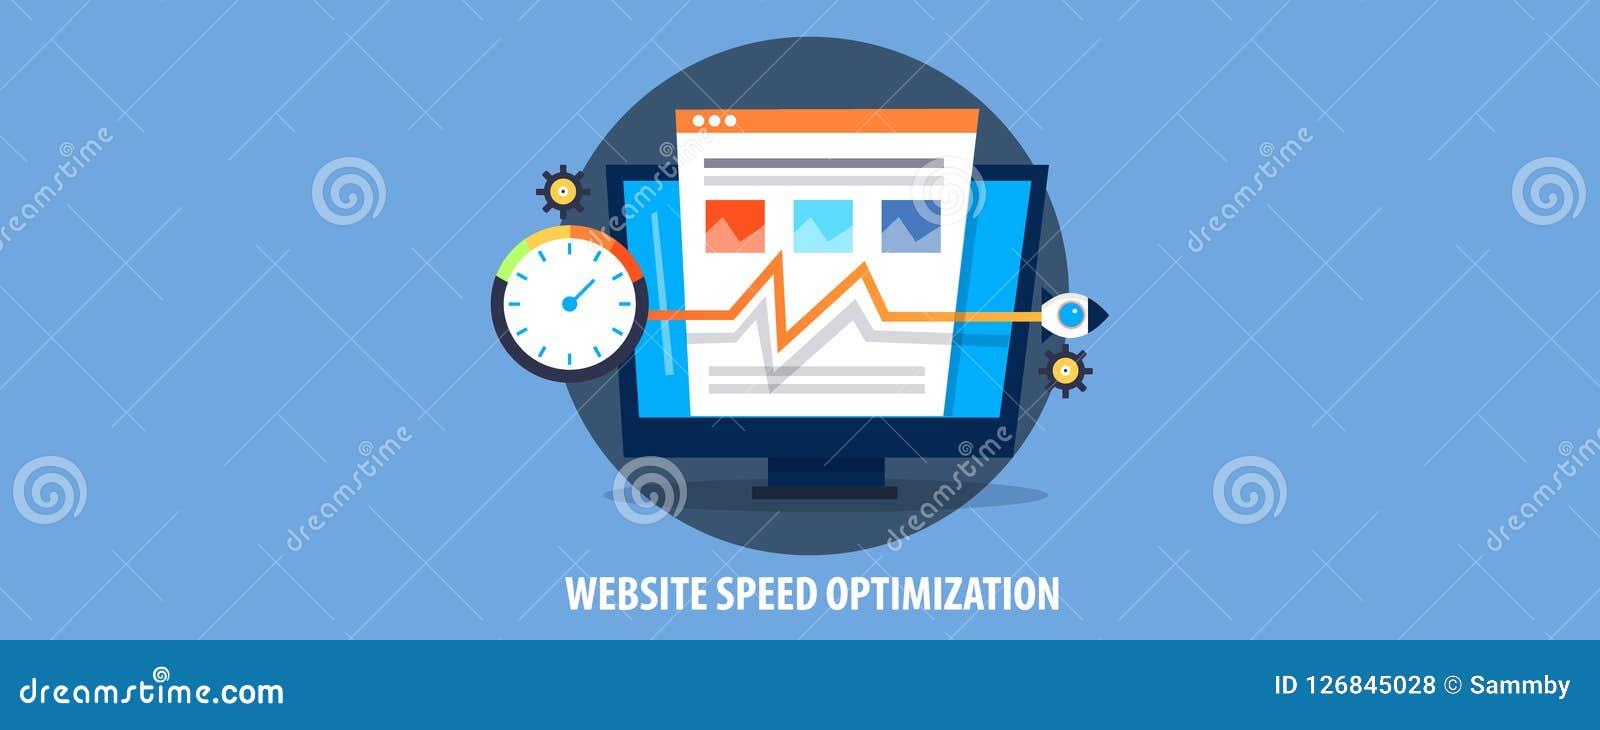 O conceito moderno da otimização da velocidade do Web site, foguete impulsiona a velocidade da carga do Web site Bandeira lisa do